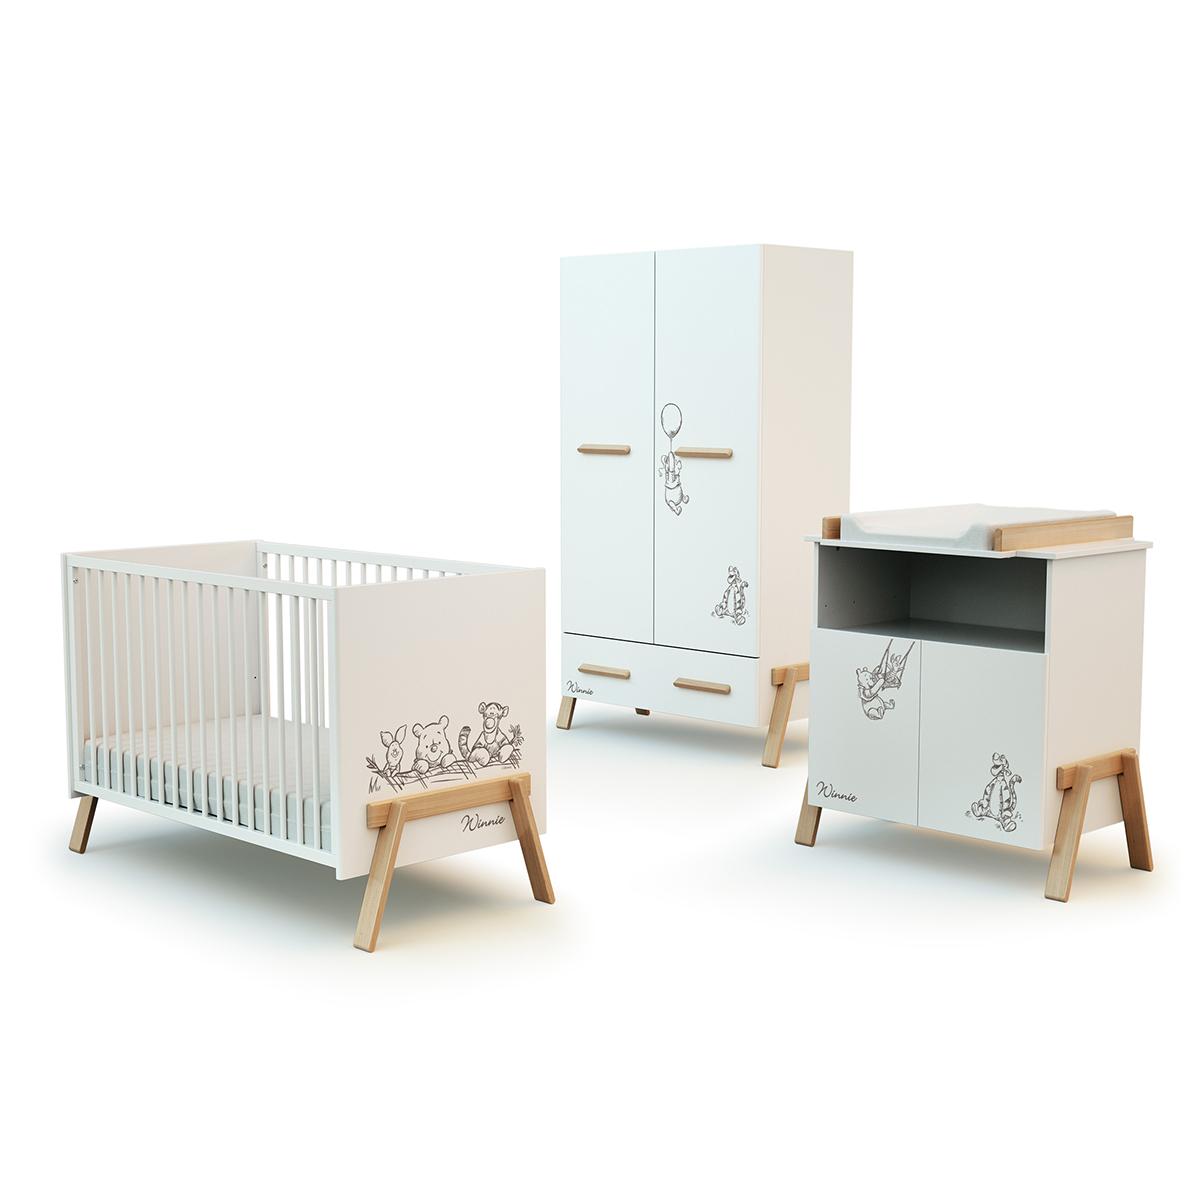 Chambre complète lit bébé 60x120 commode à langer et armoire AT4 Winnie Disney - Blanc et hêtre